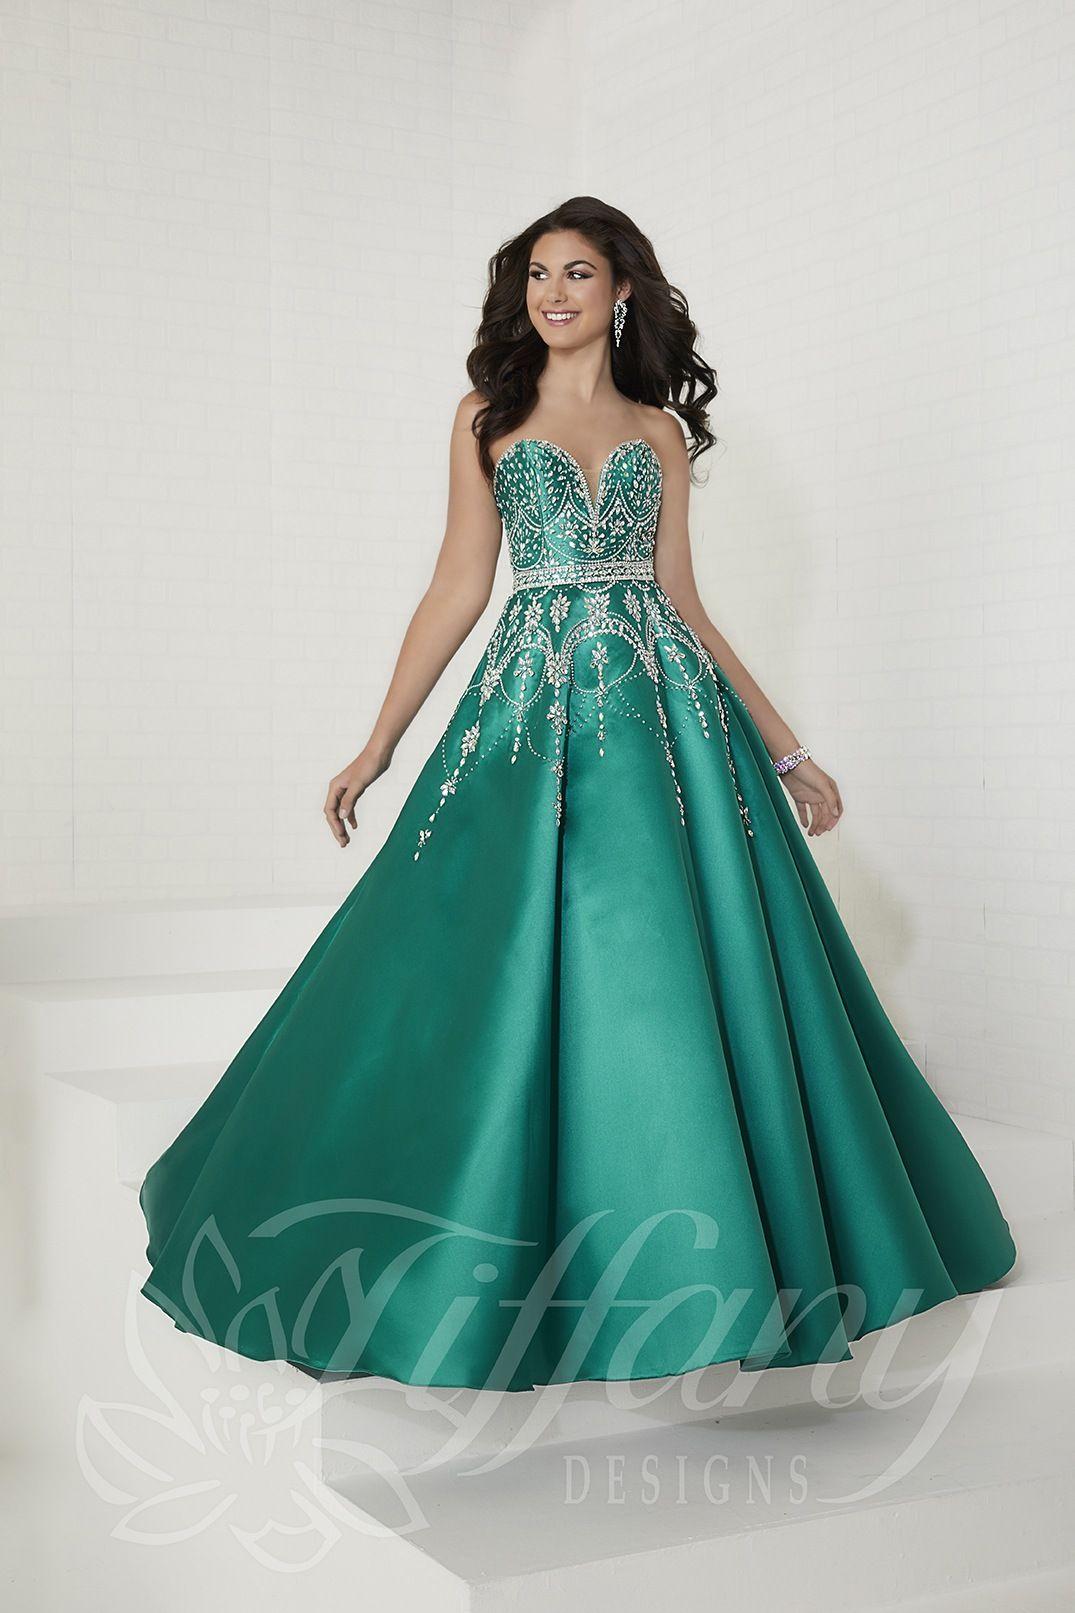 Charming Prom Dress House Ideas - Wedding Ideas - memiocall.com